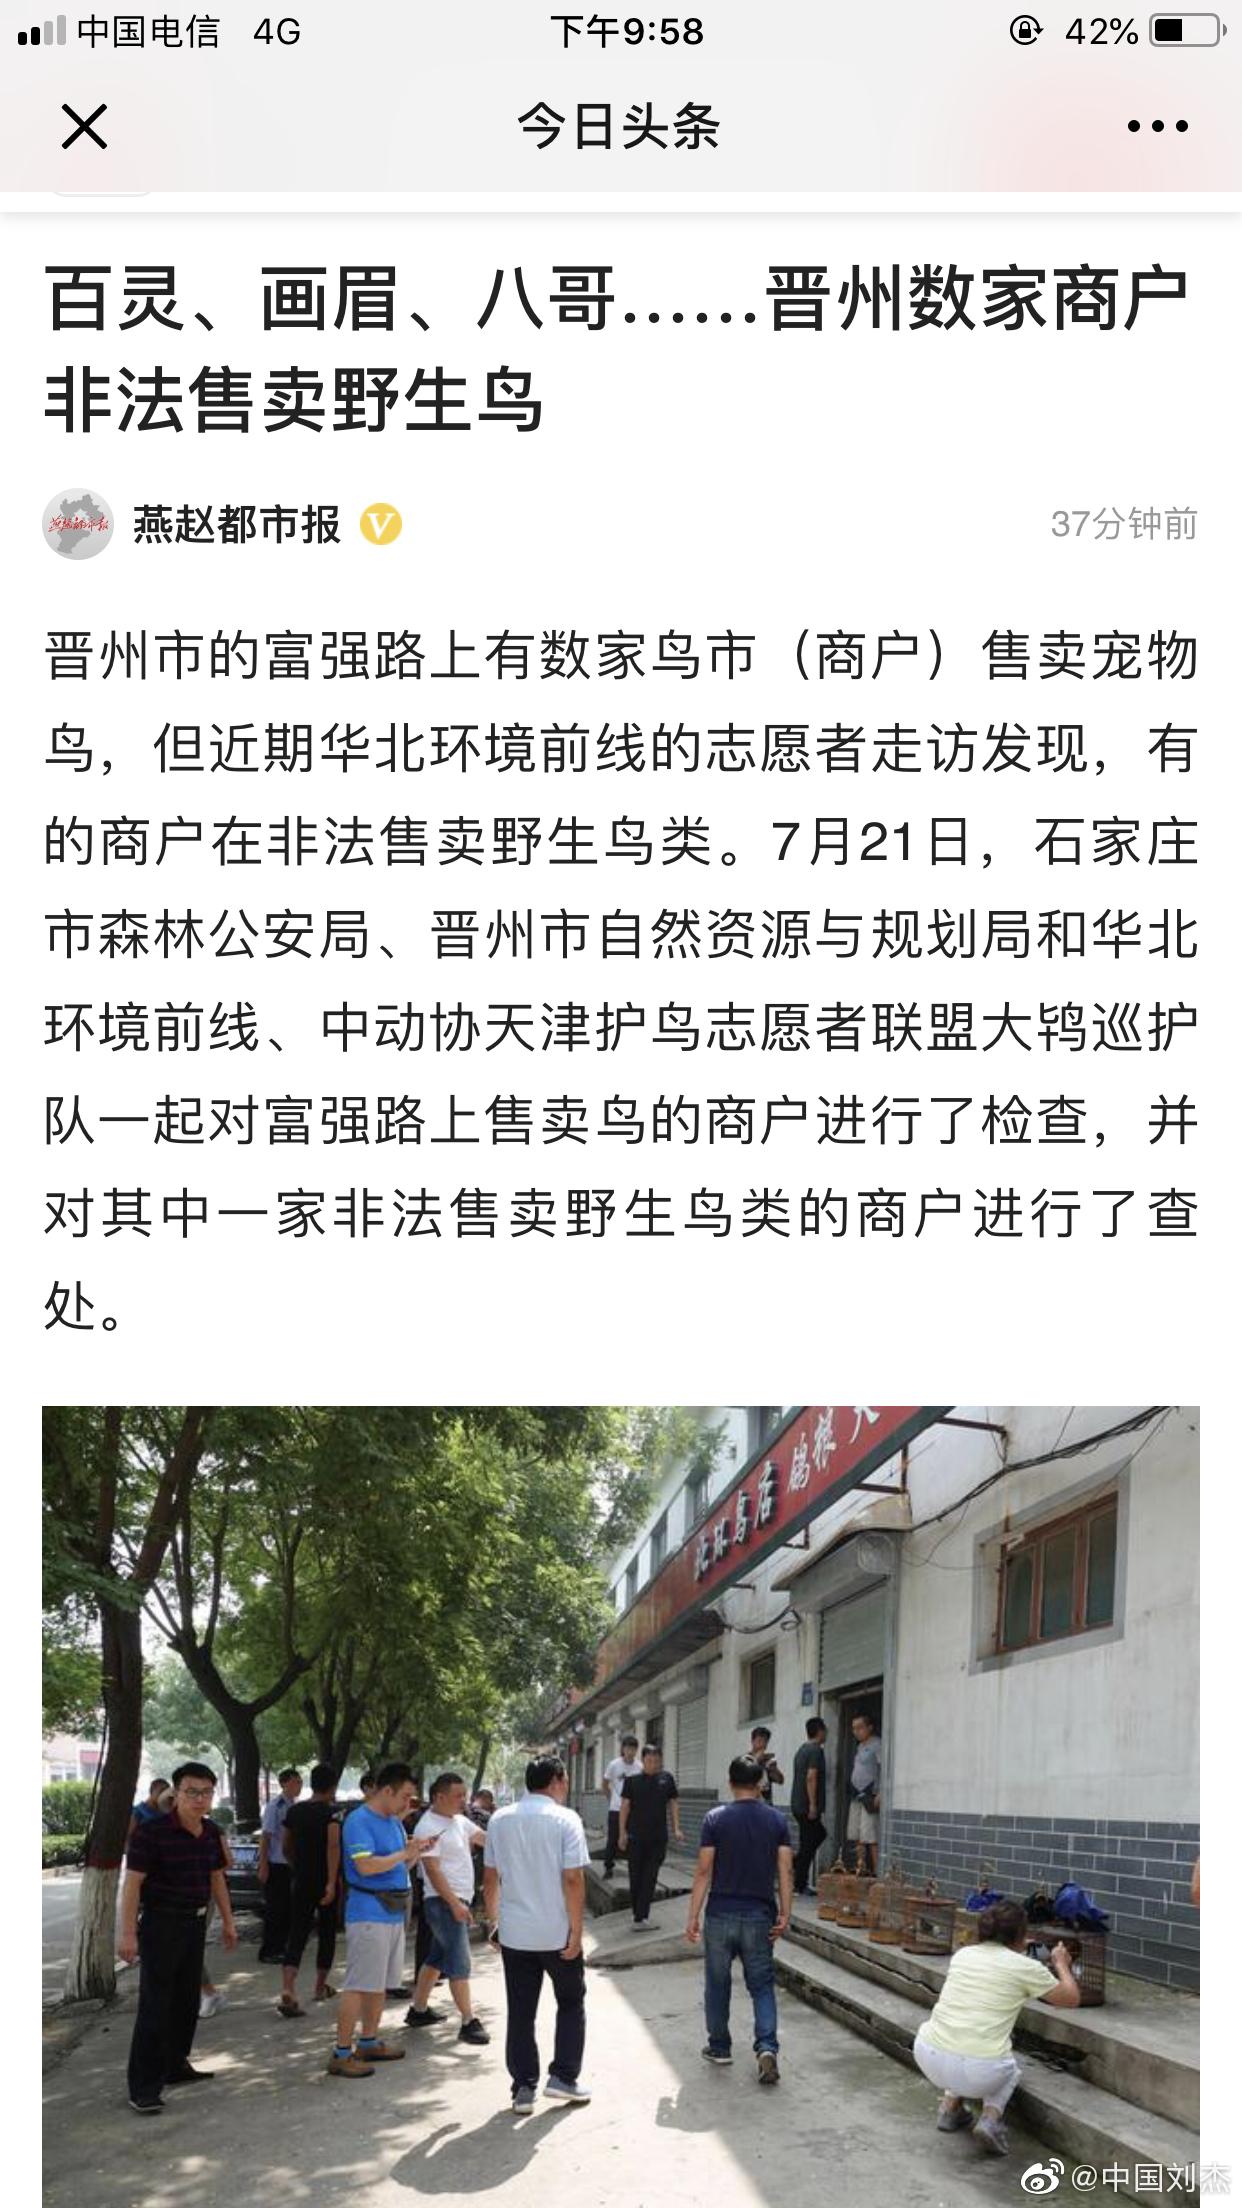 燕赵都市报:百灵、画眉、八哥……晋州数家商户非法售卖野生鸟……